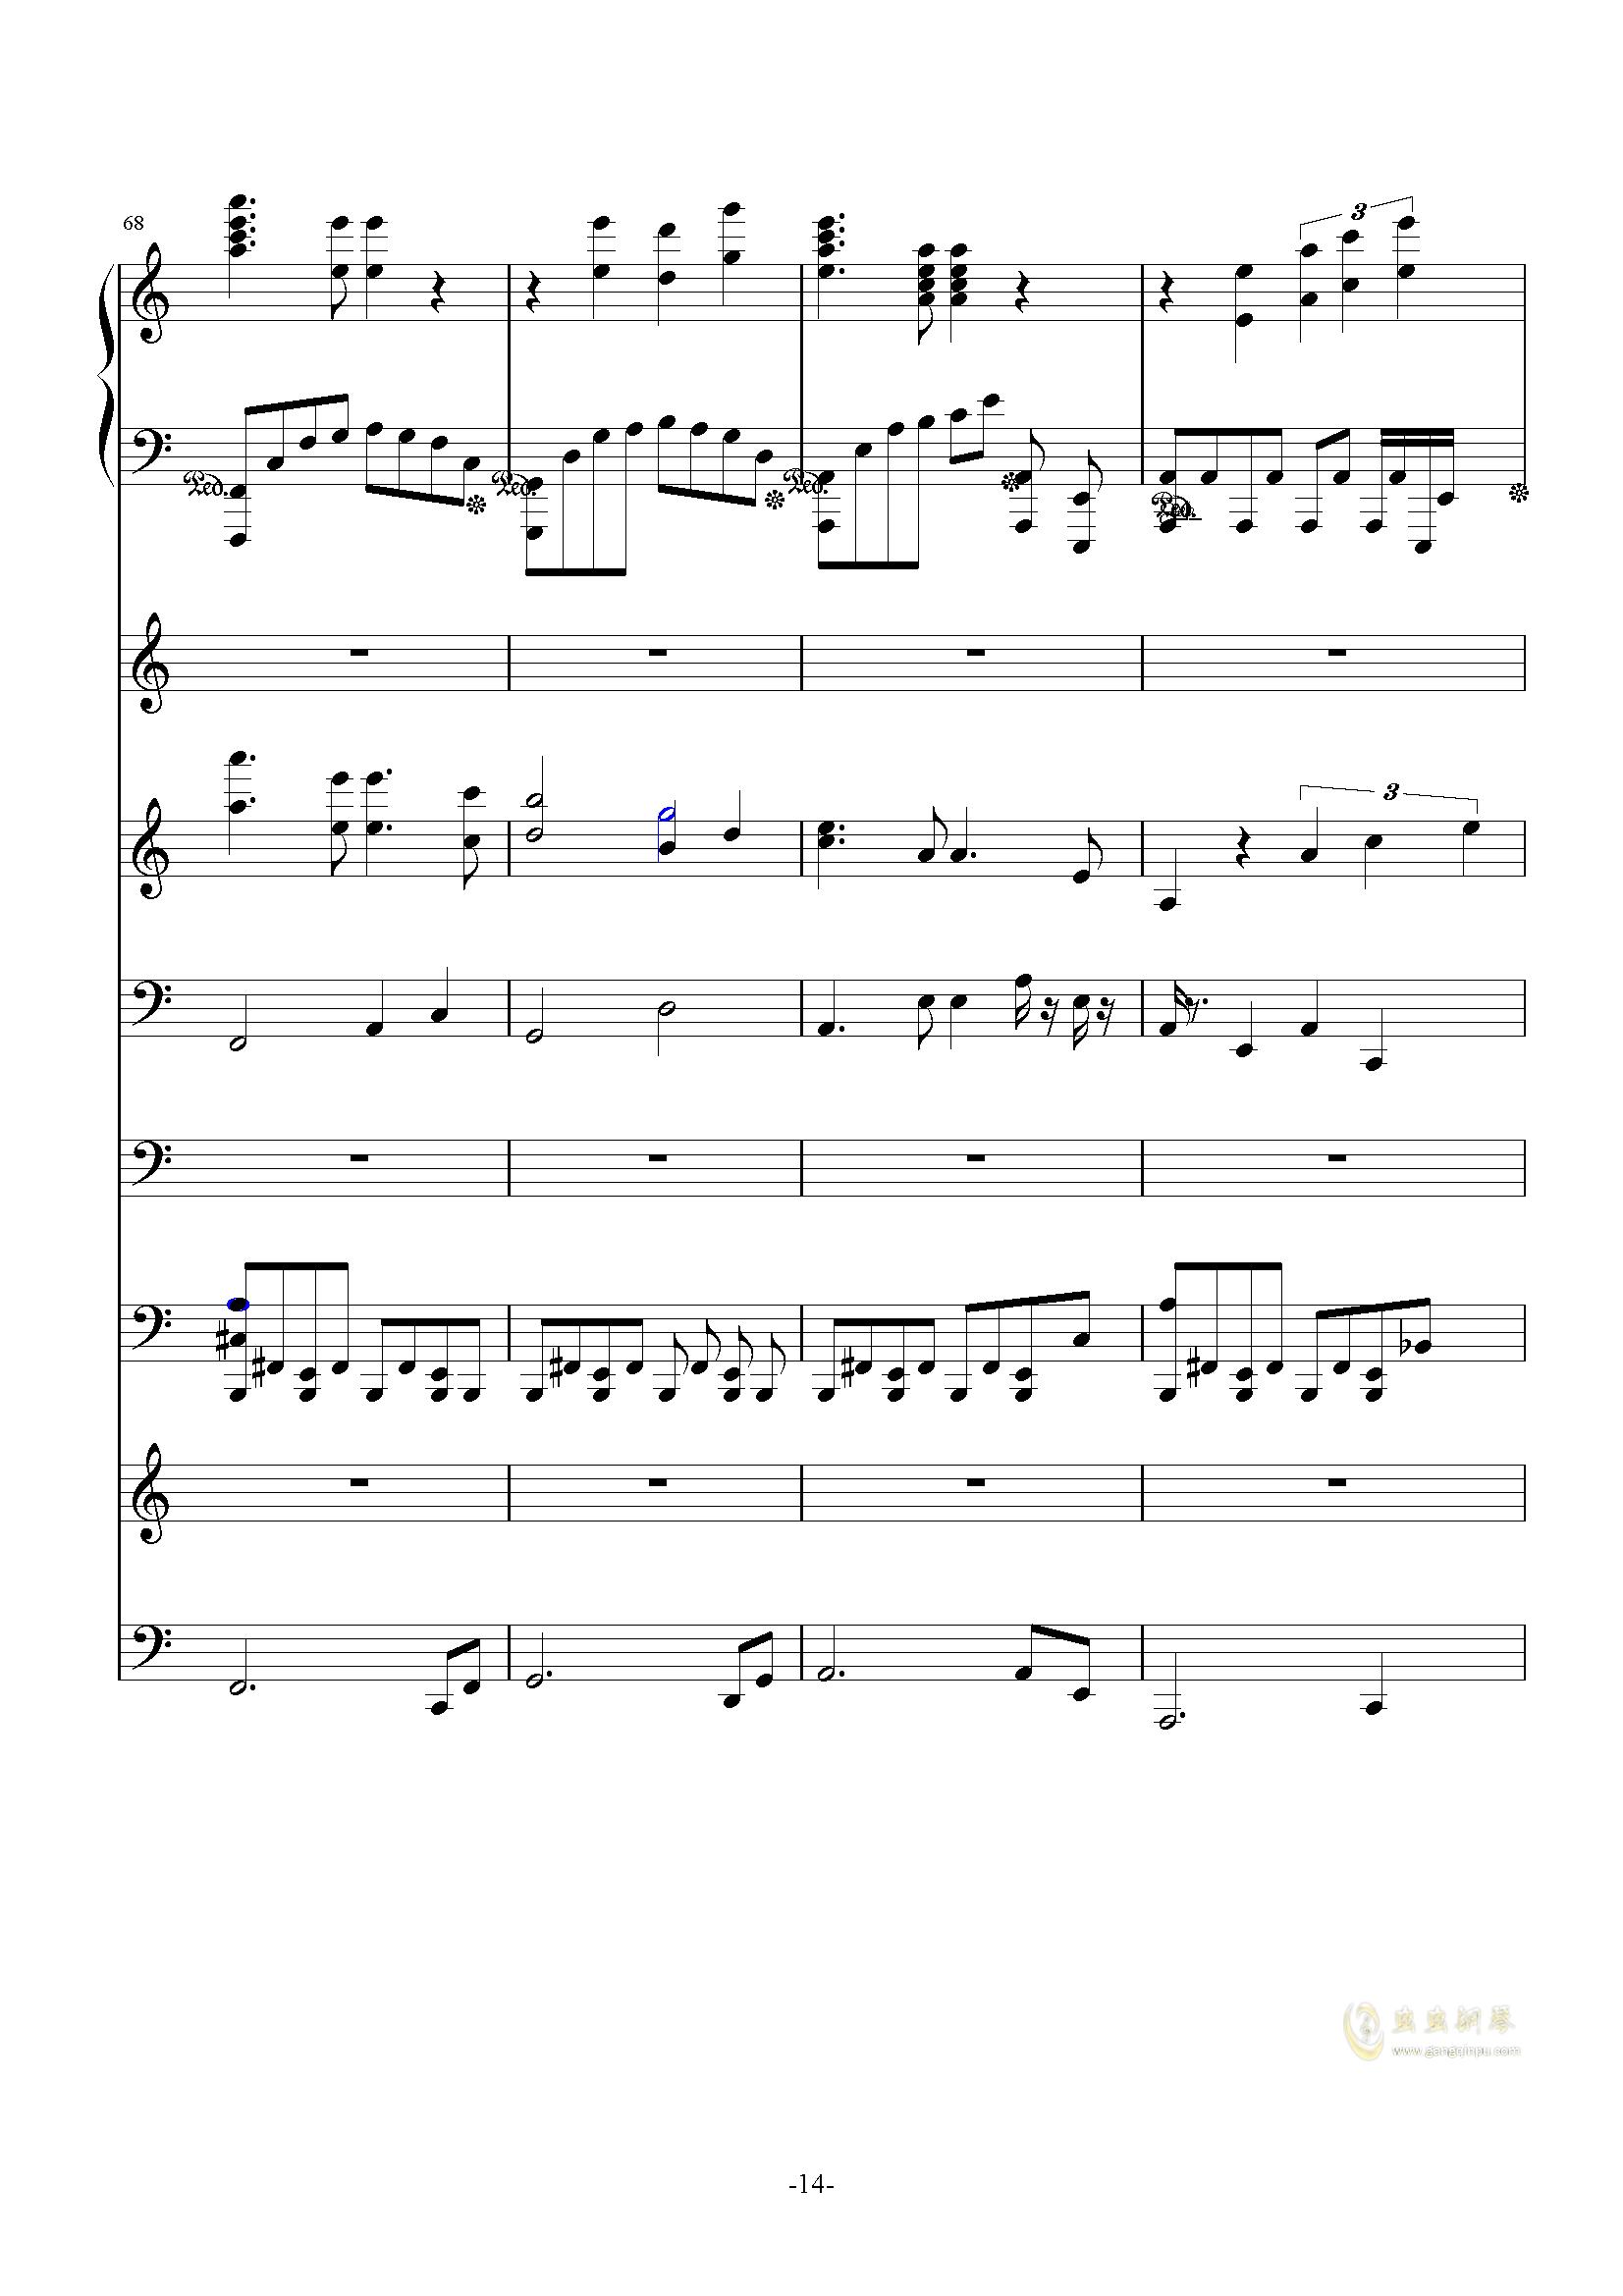 大夜洛第一号狂想曲钢琴谱 第14页